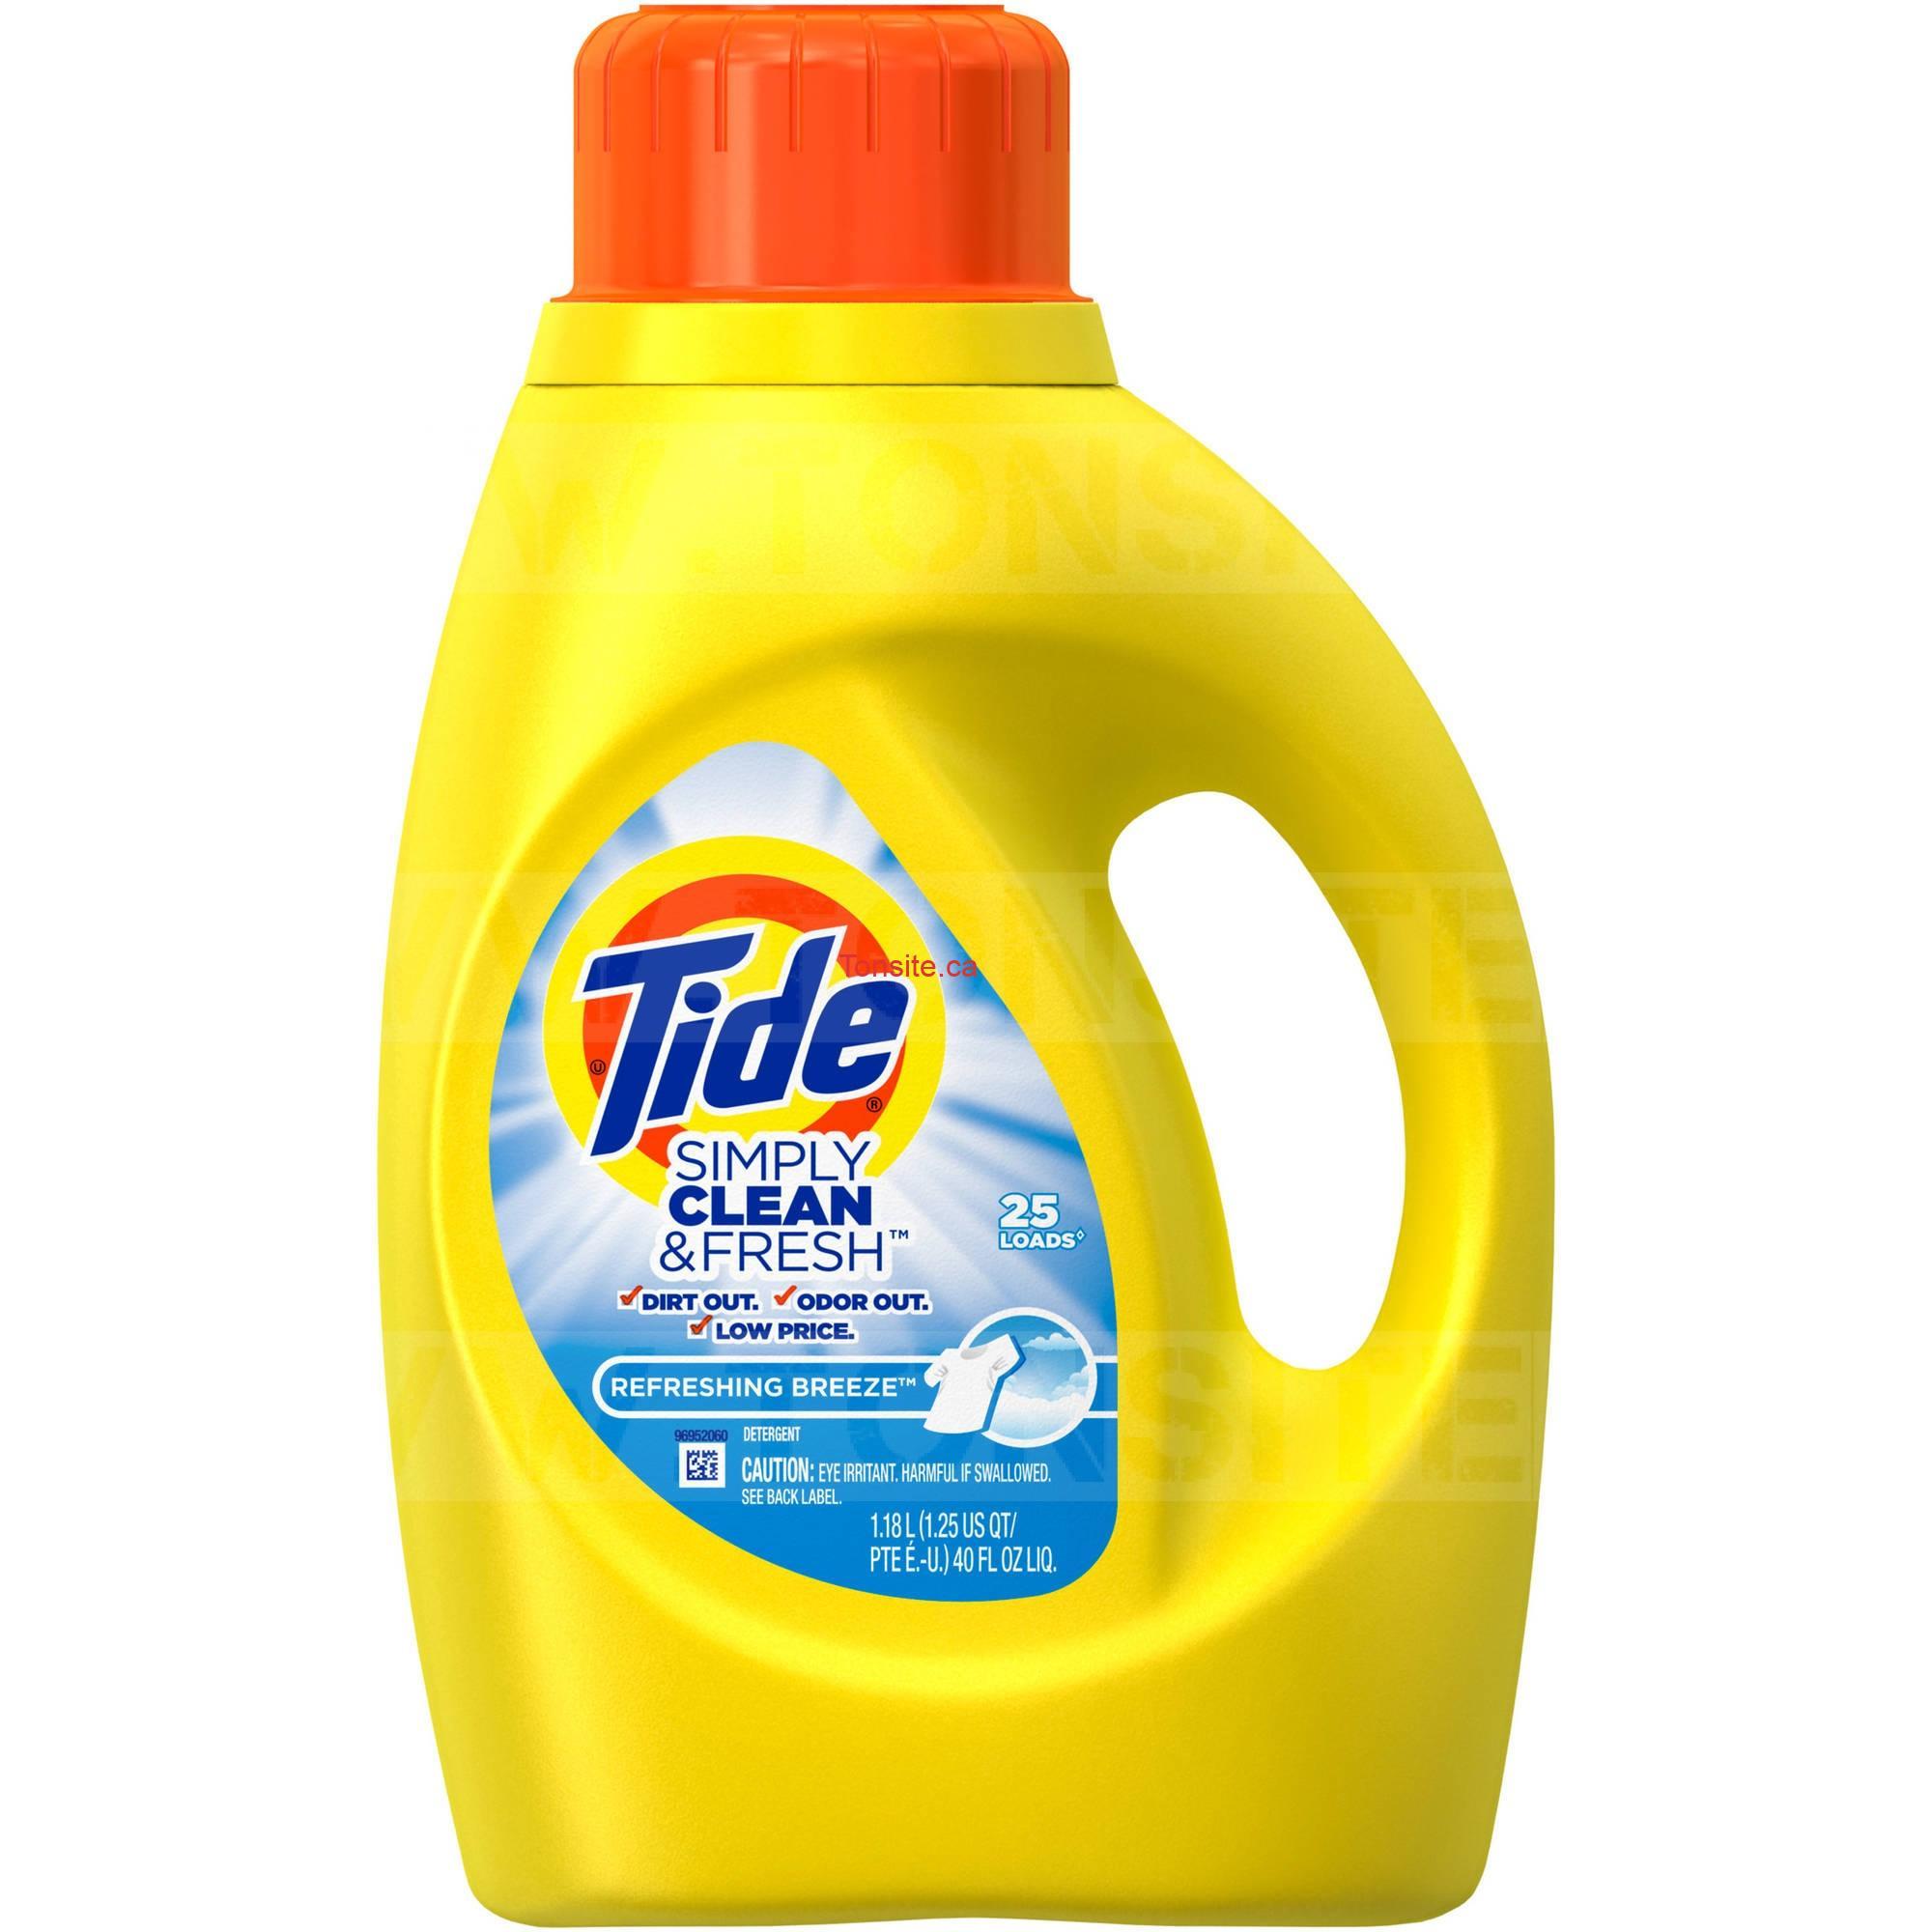 Détergent à lessive liquide Tide Simply Clean (25 brassées) à 50¢ au lieu de 5,99$